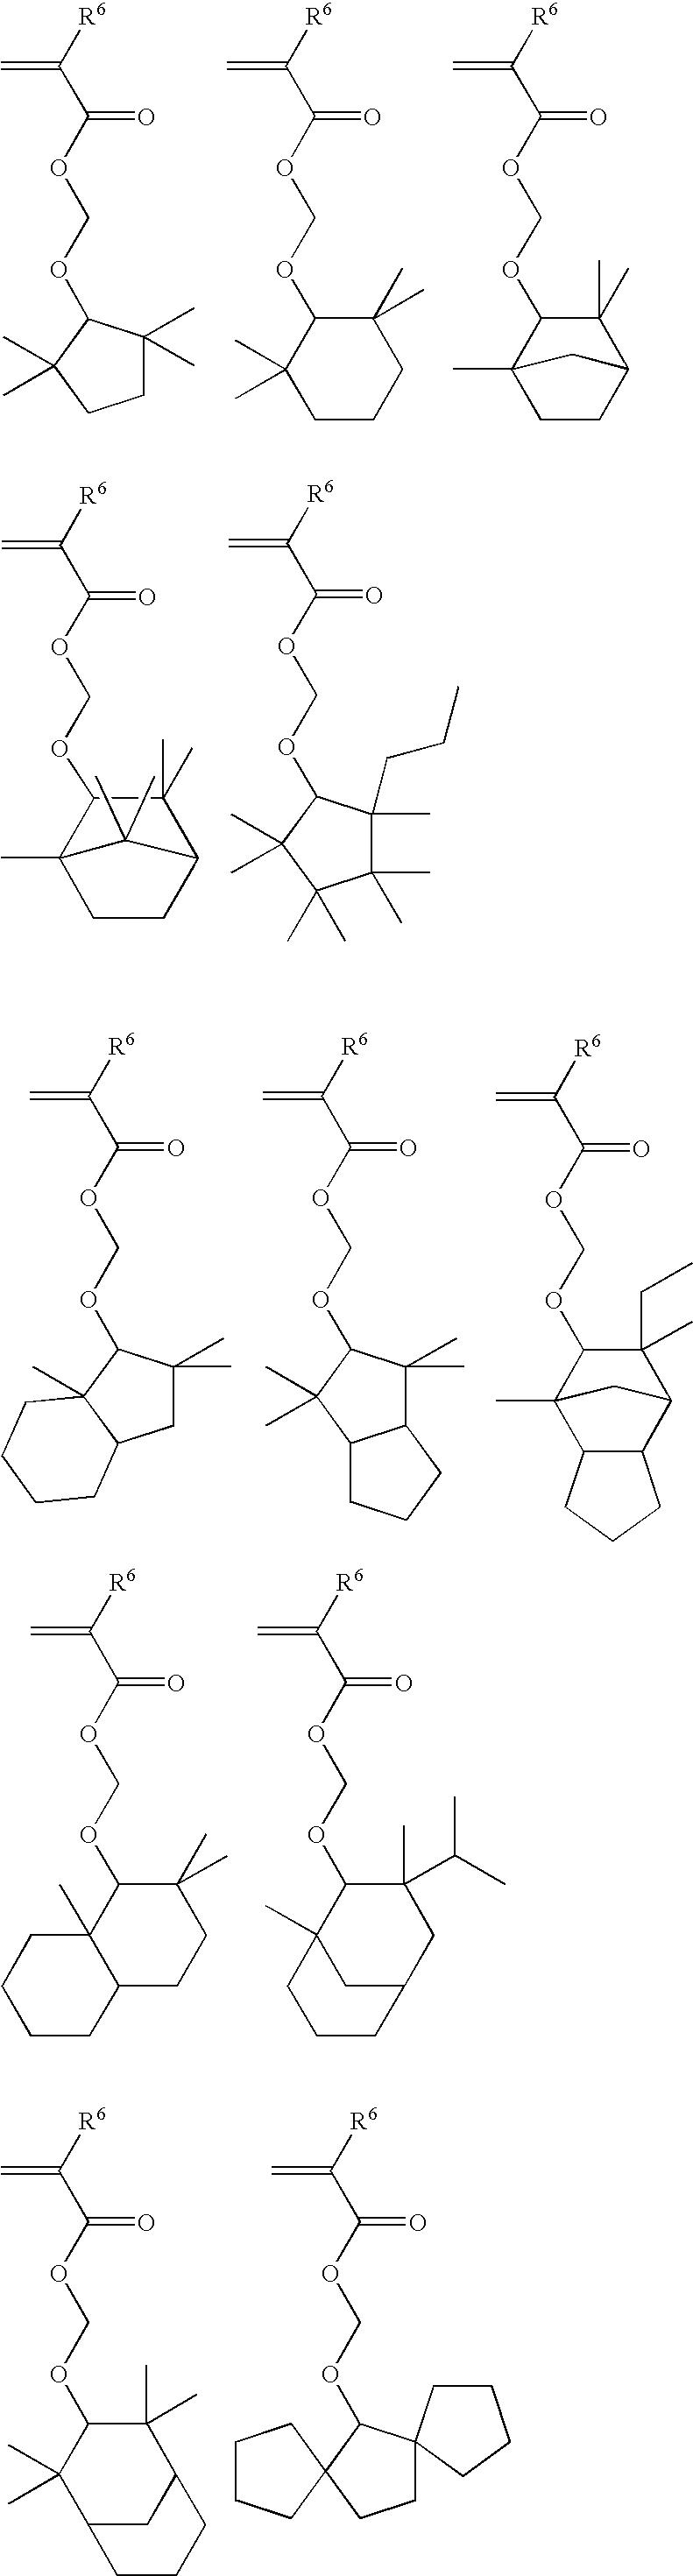 Figure US07687222-20100330-C00020